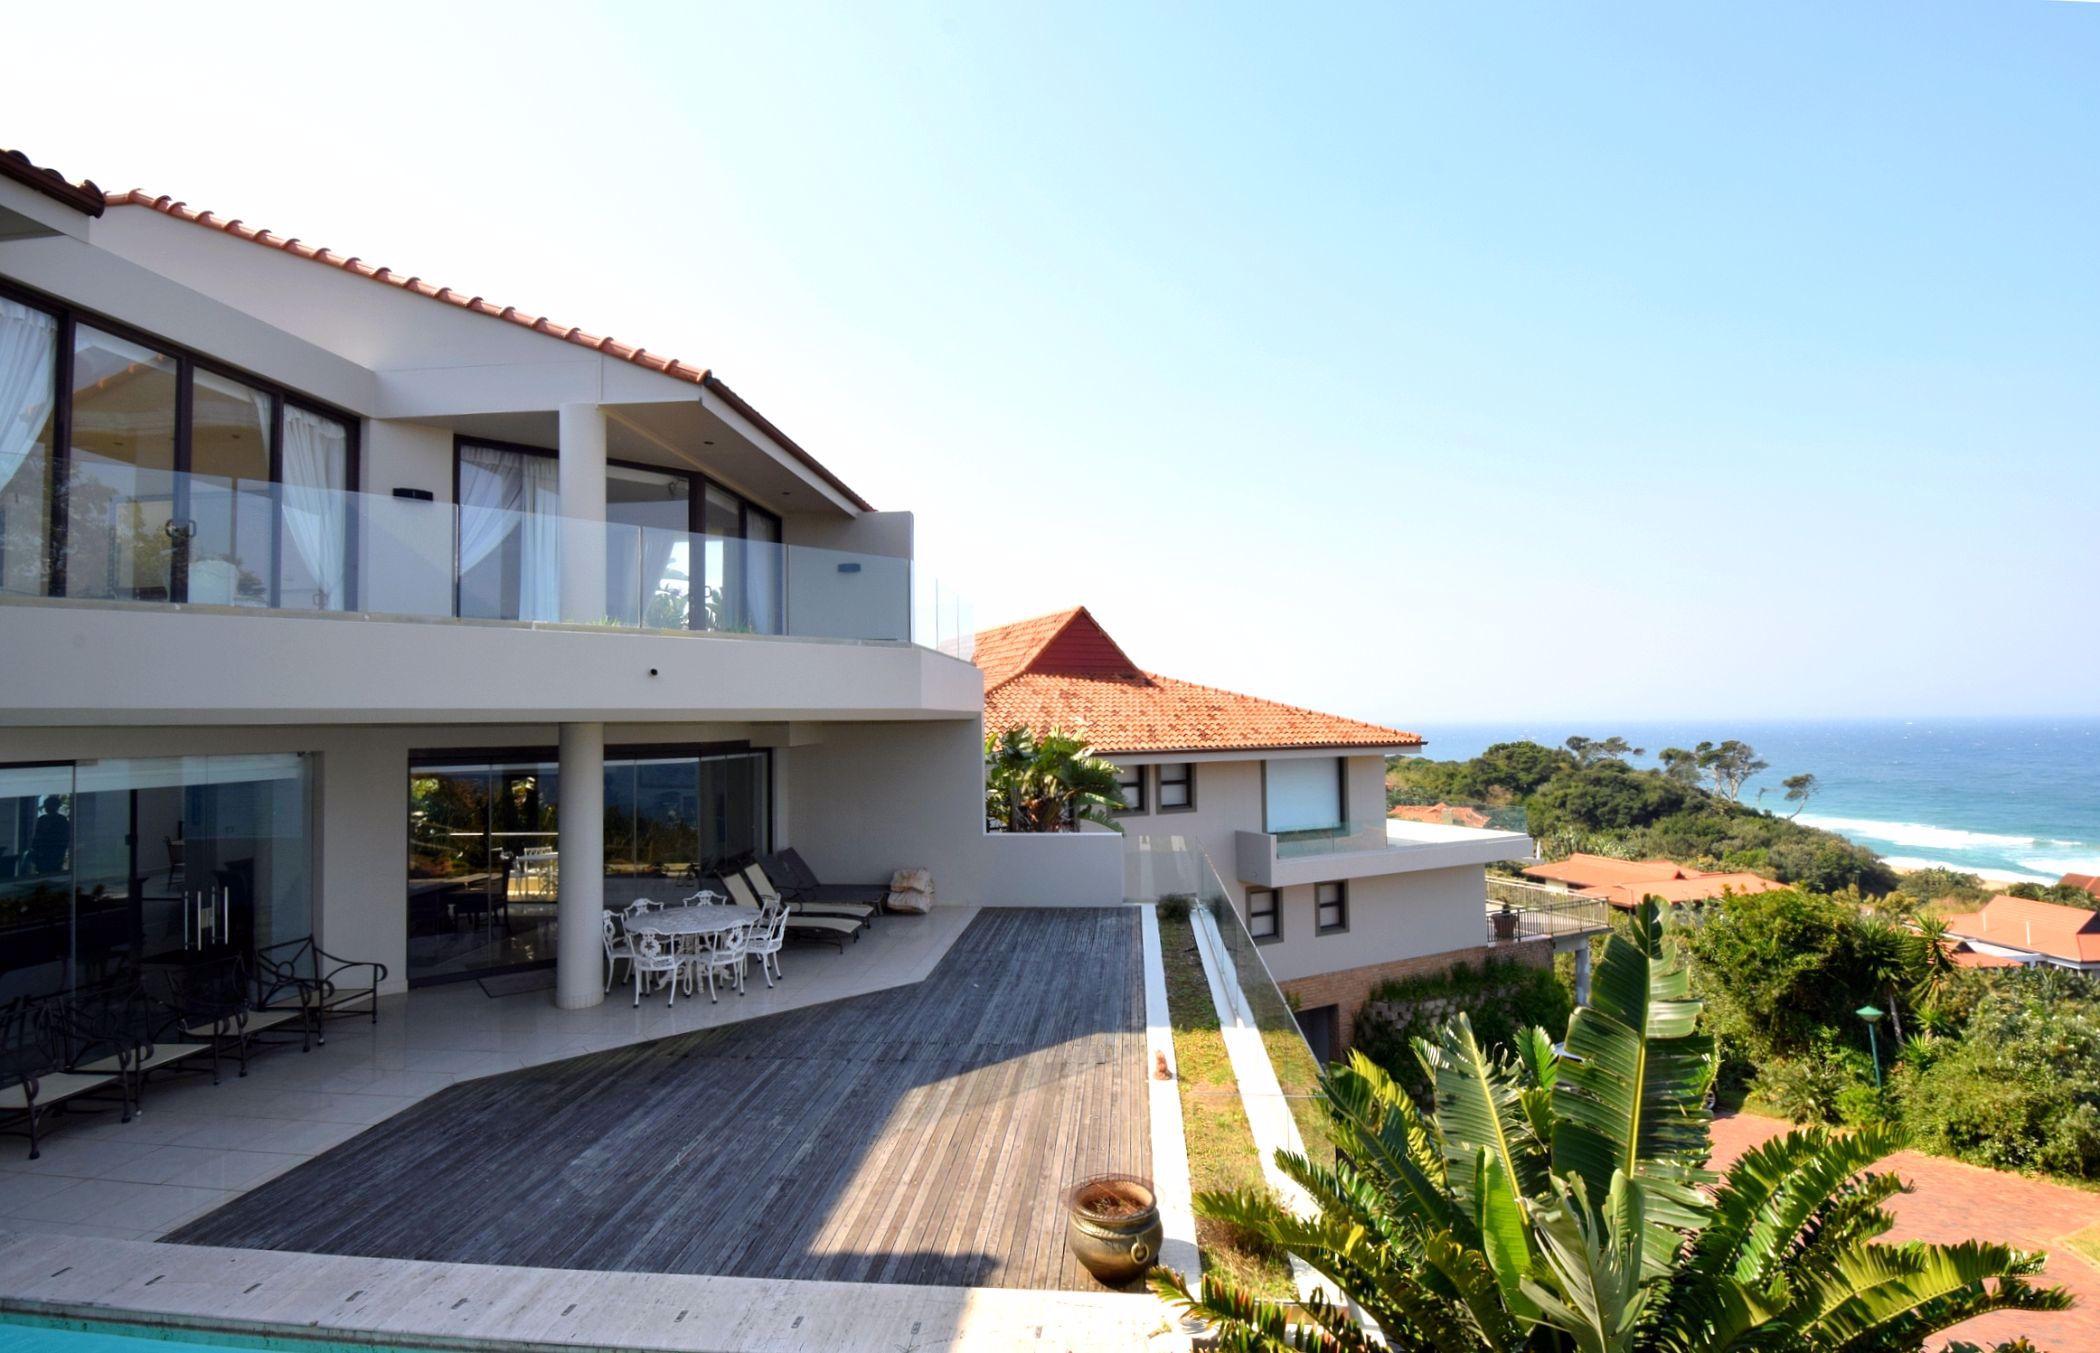 5 bedroom apartment for sale in Zimbali Coastal Resort